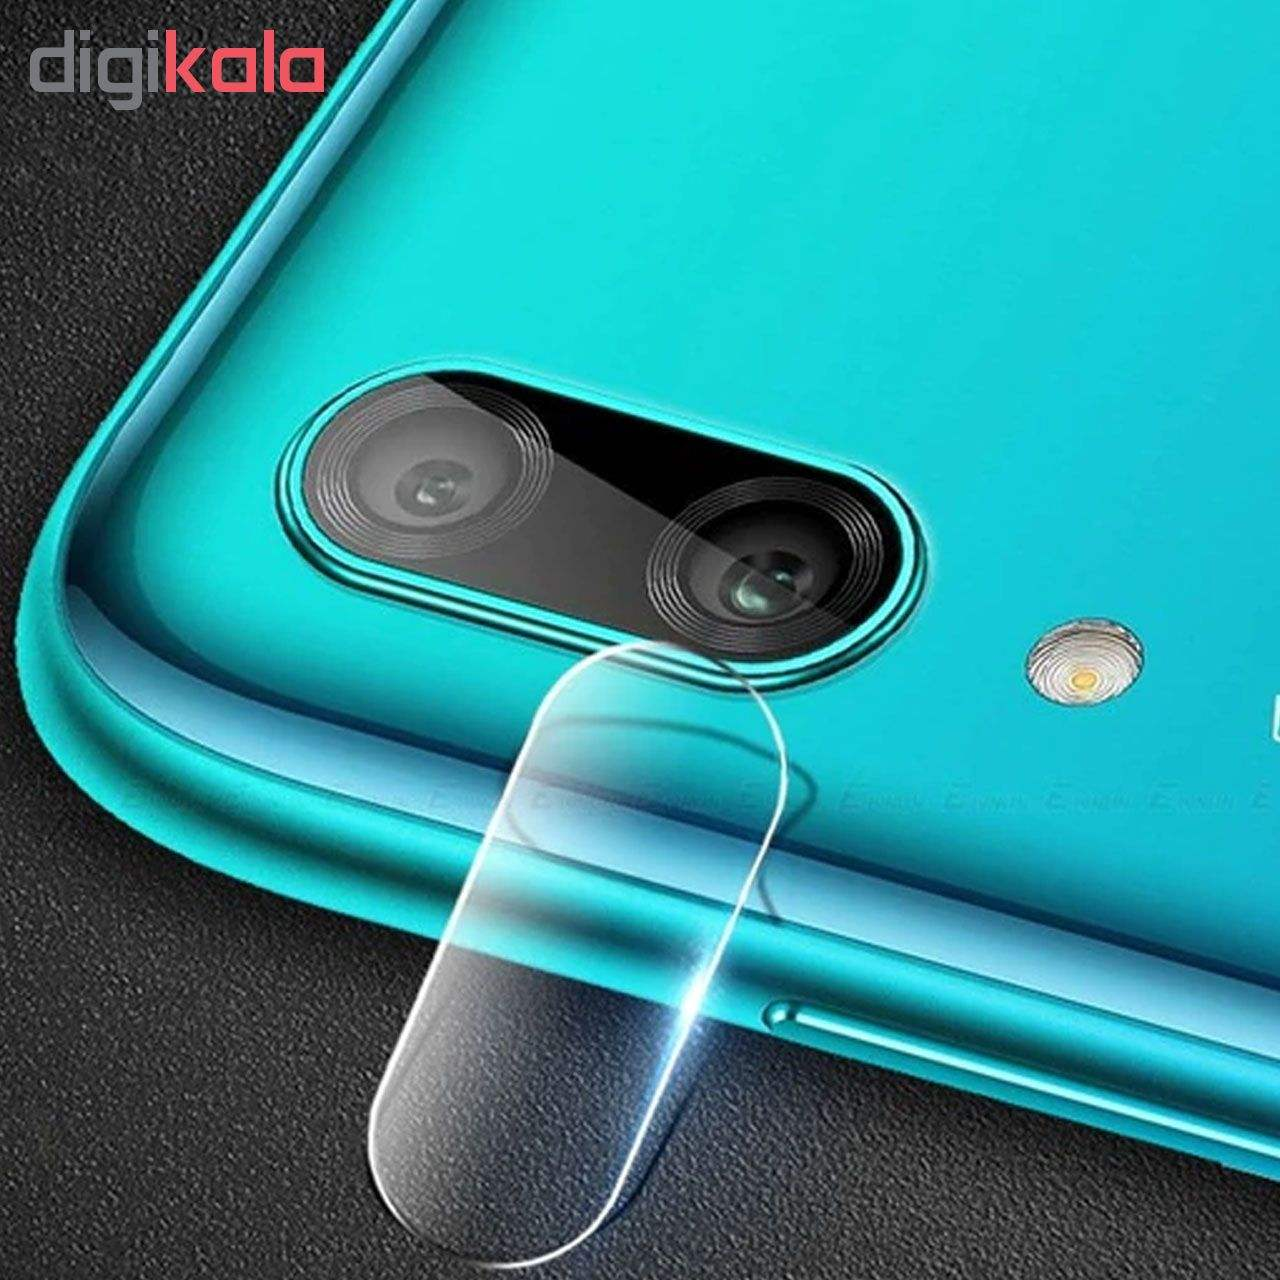 محافظ لنز دوربین هورس مدل UTF مناسب برای گوشی موبایل هوآوی Y9 2019 main 1 3